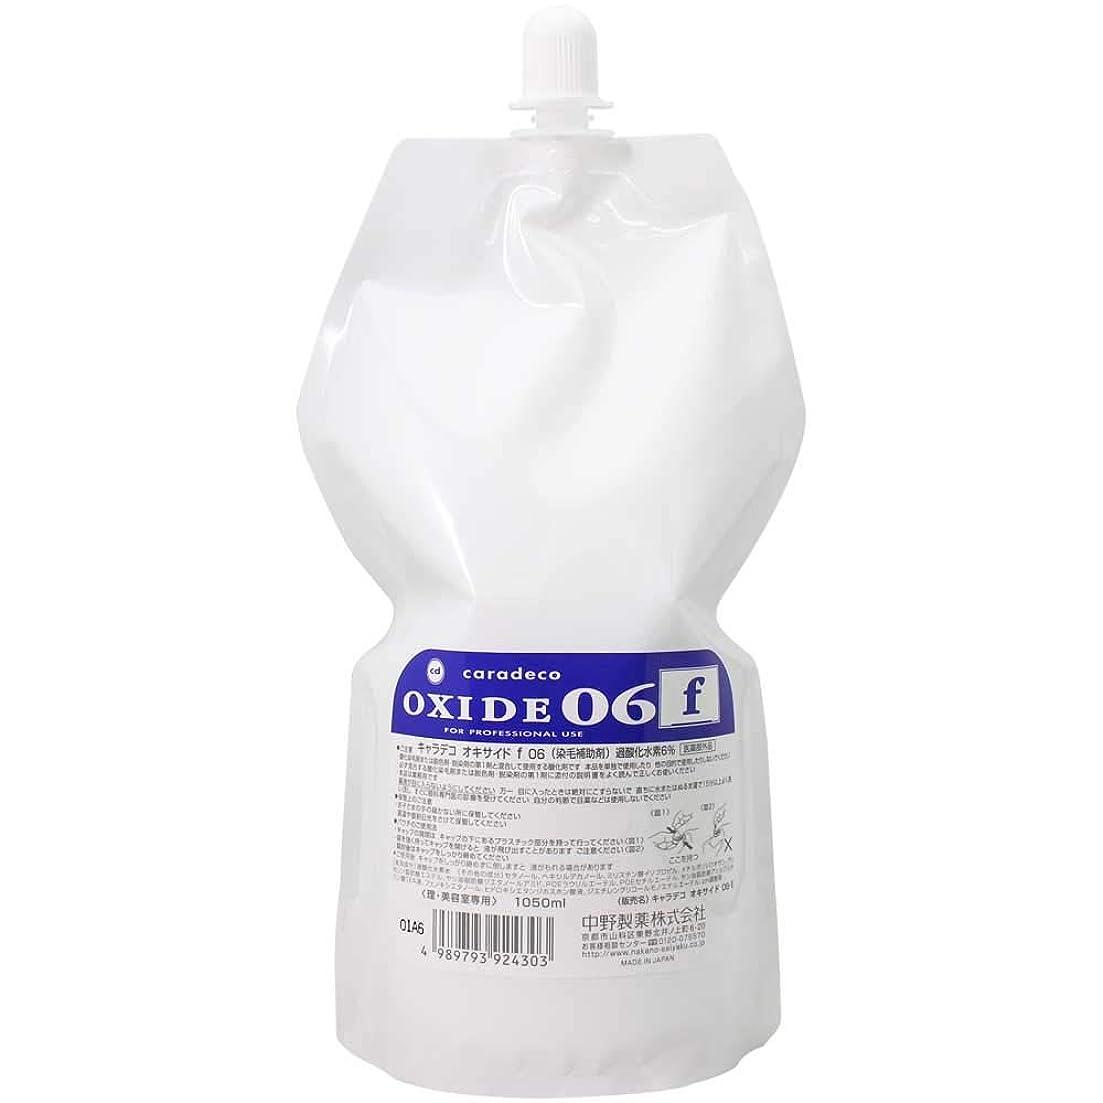 電池年齢ドメイン【ナカノ】キャラデコ オキサイドf 06 第2剤 (過酸化水素6%) 1050ml